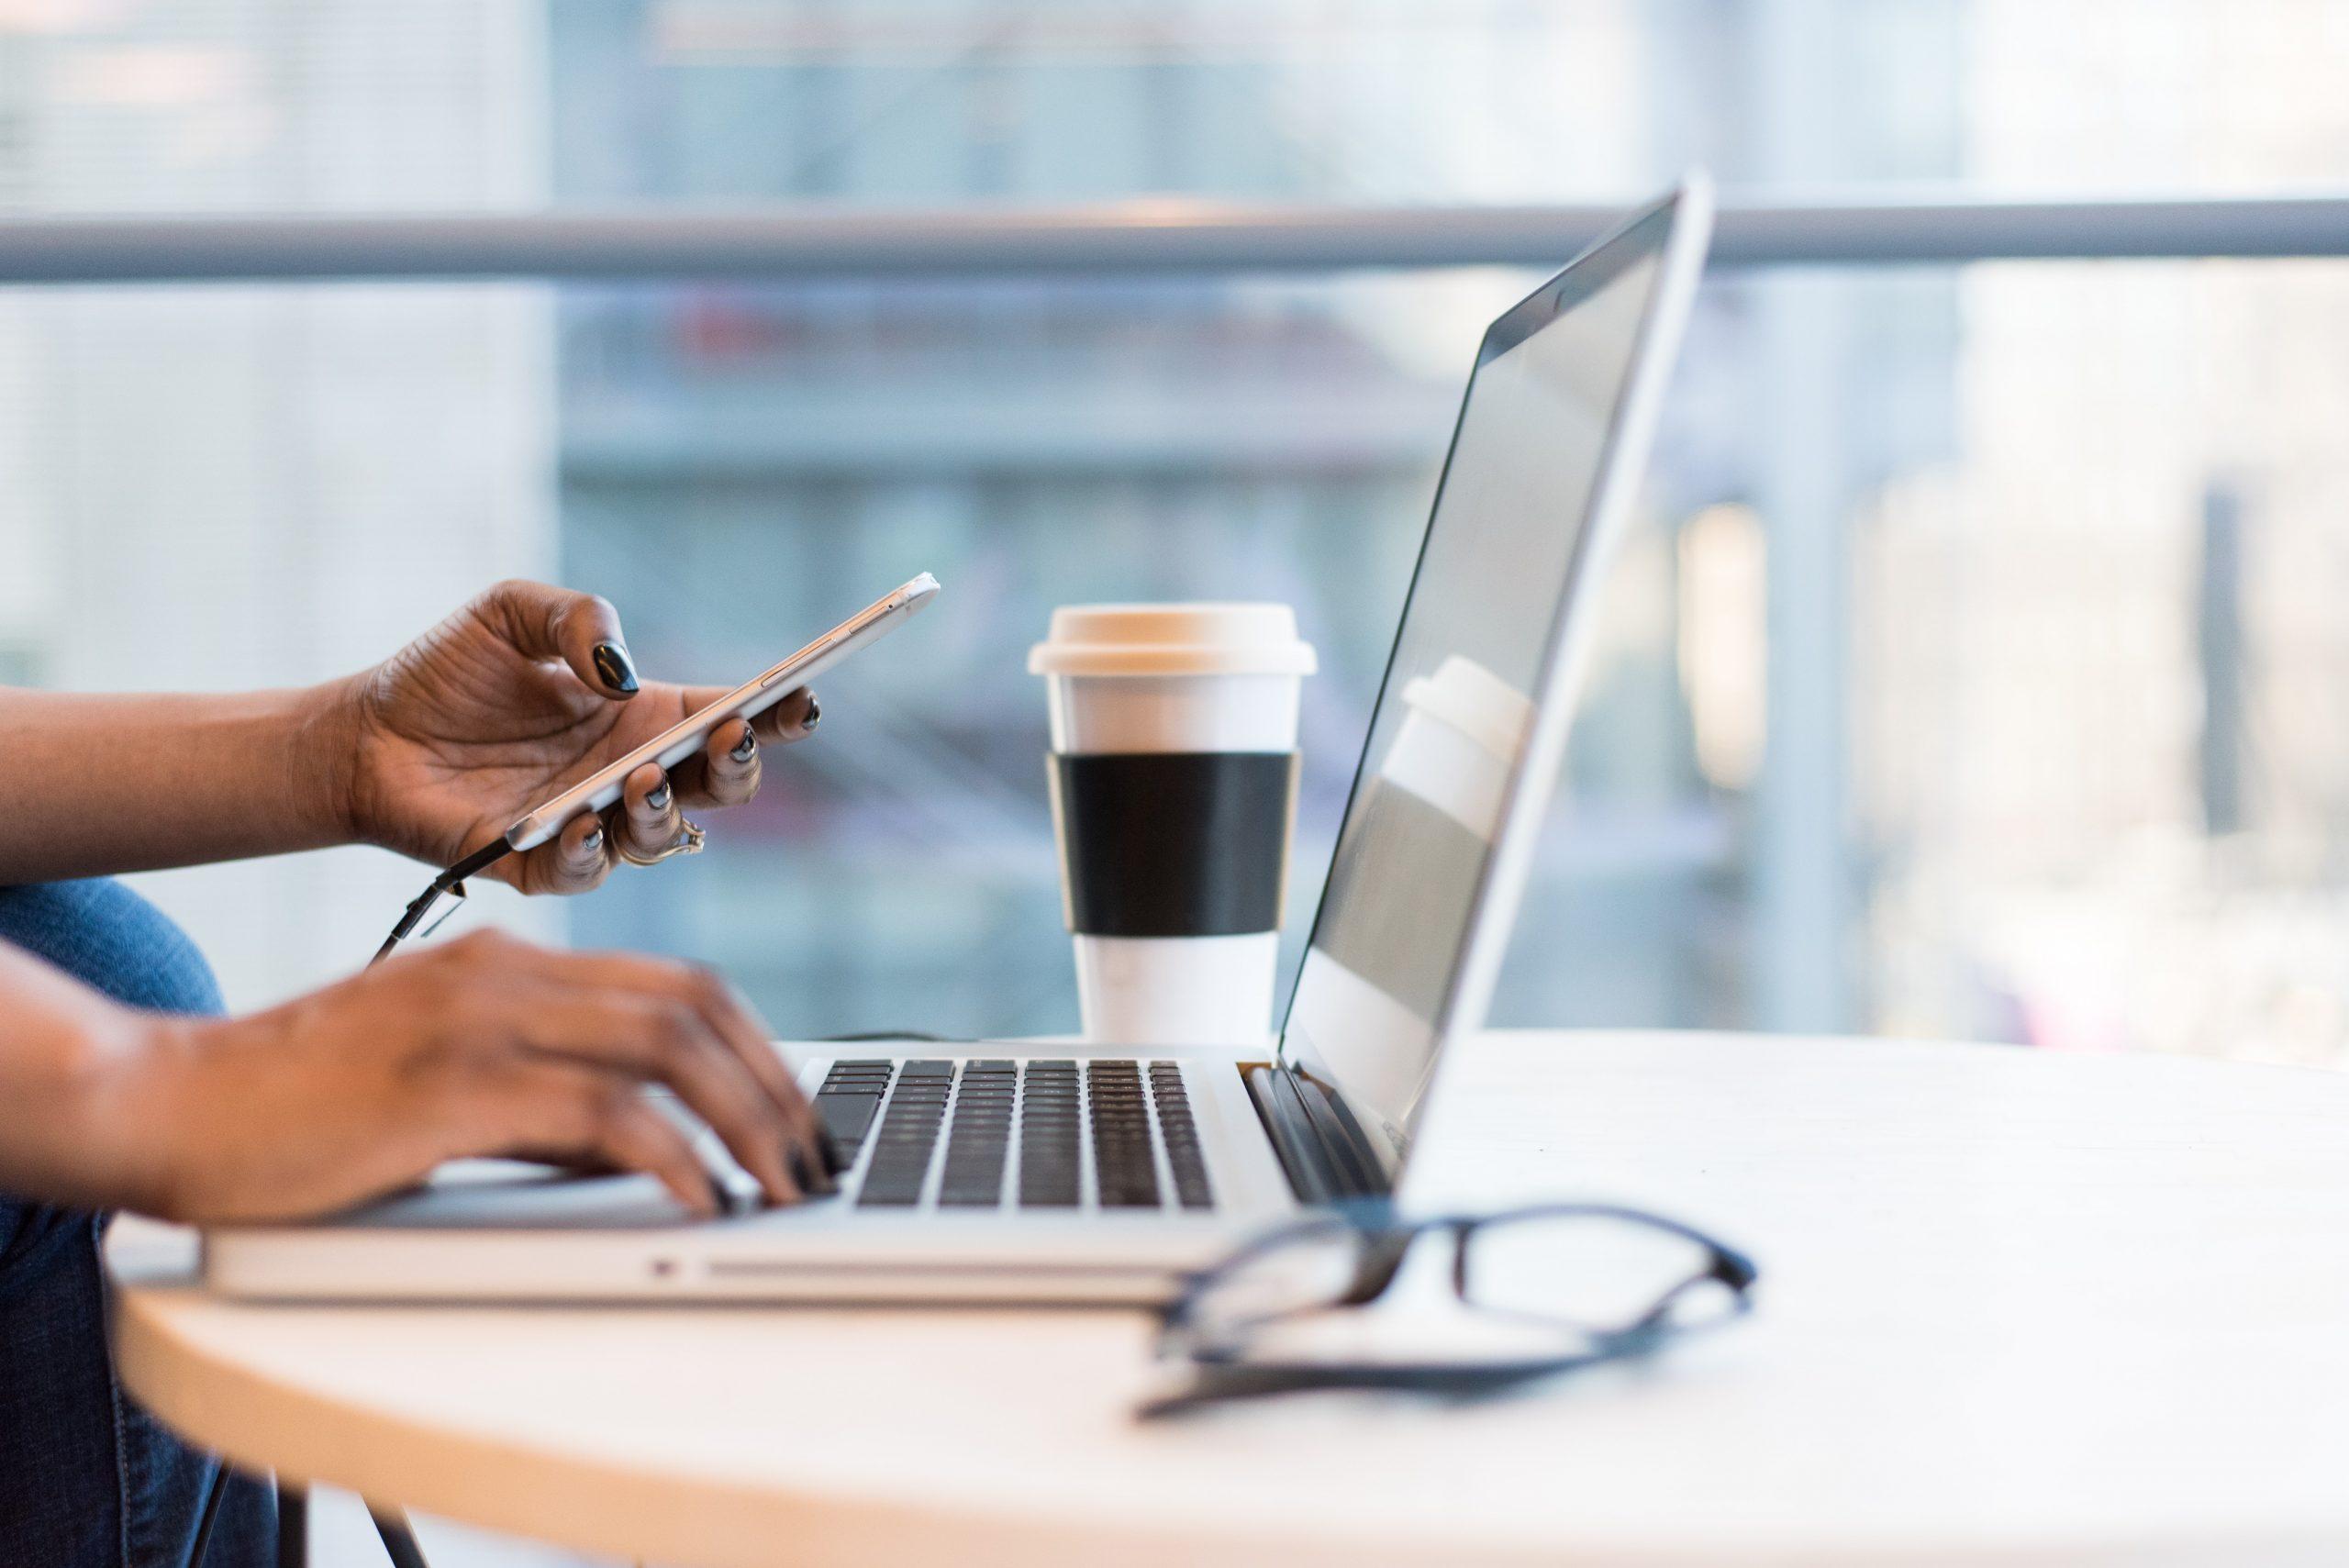 mão feminina usando computador e celular